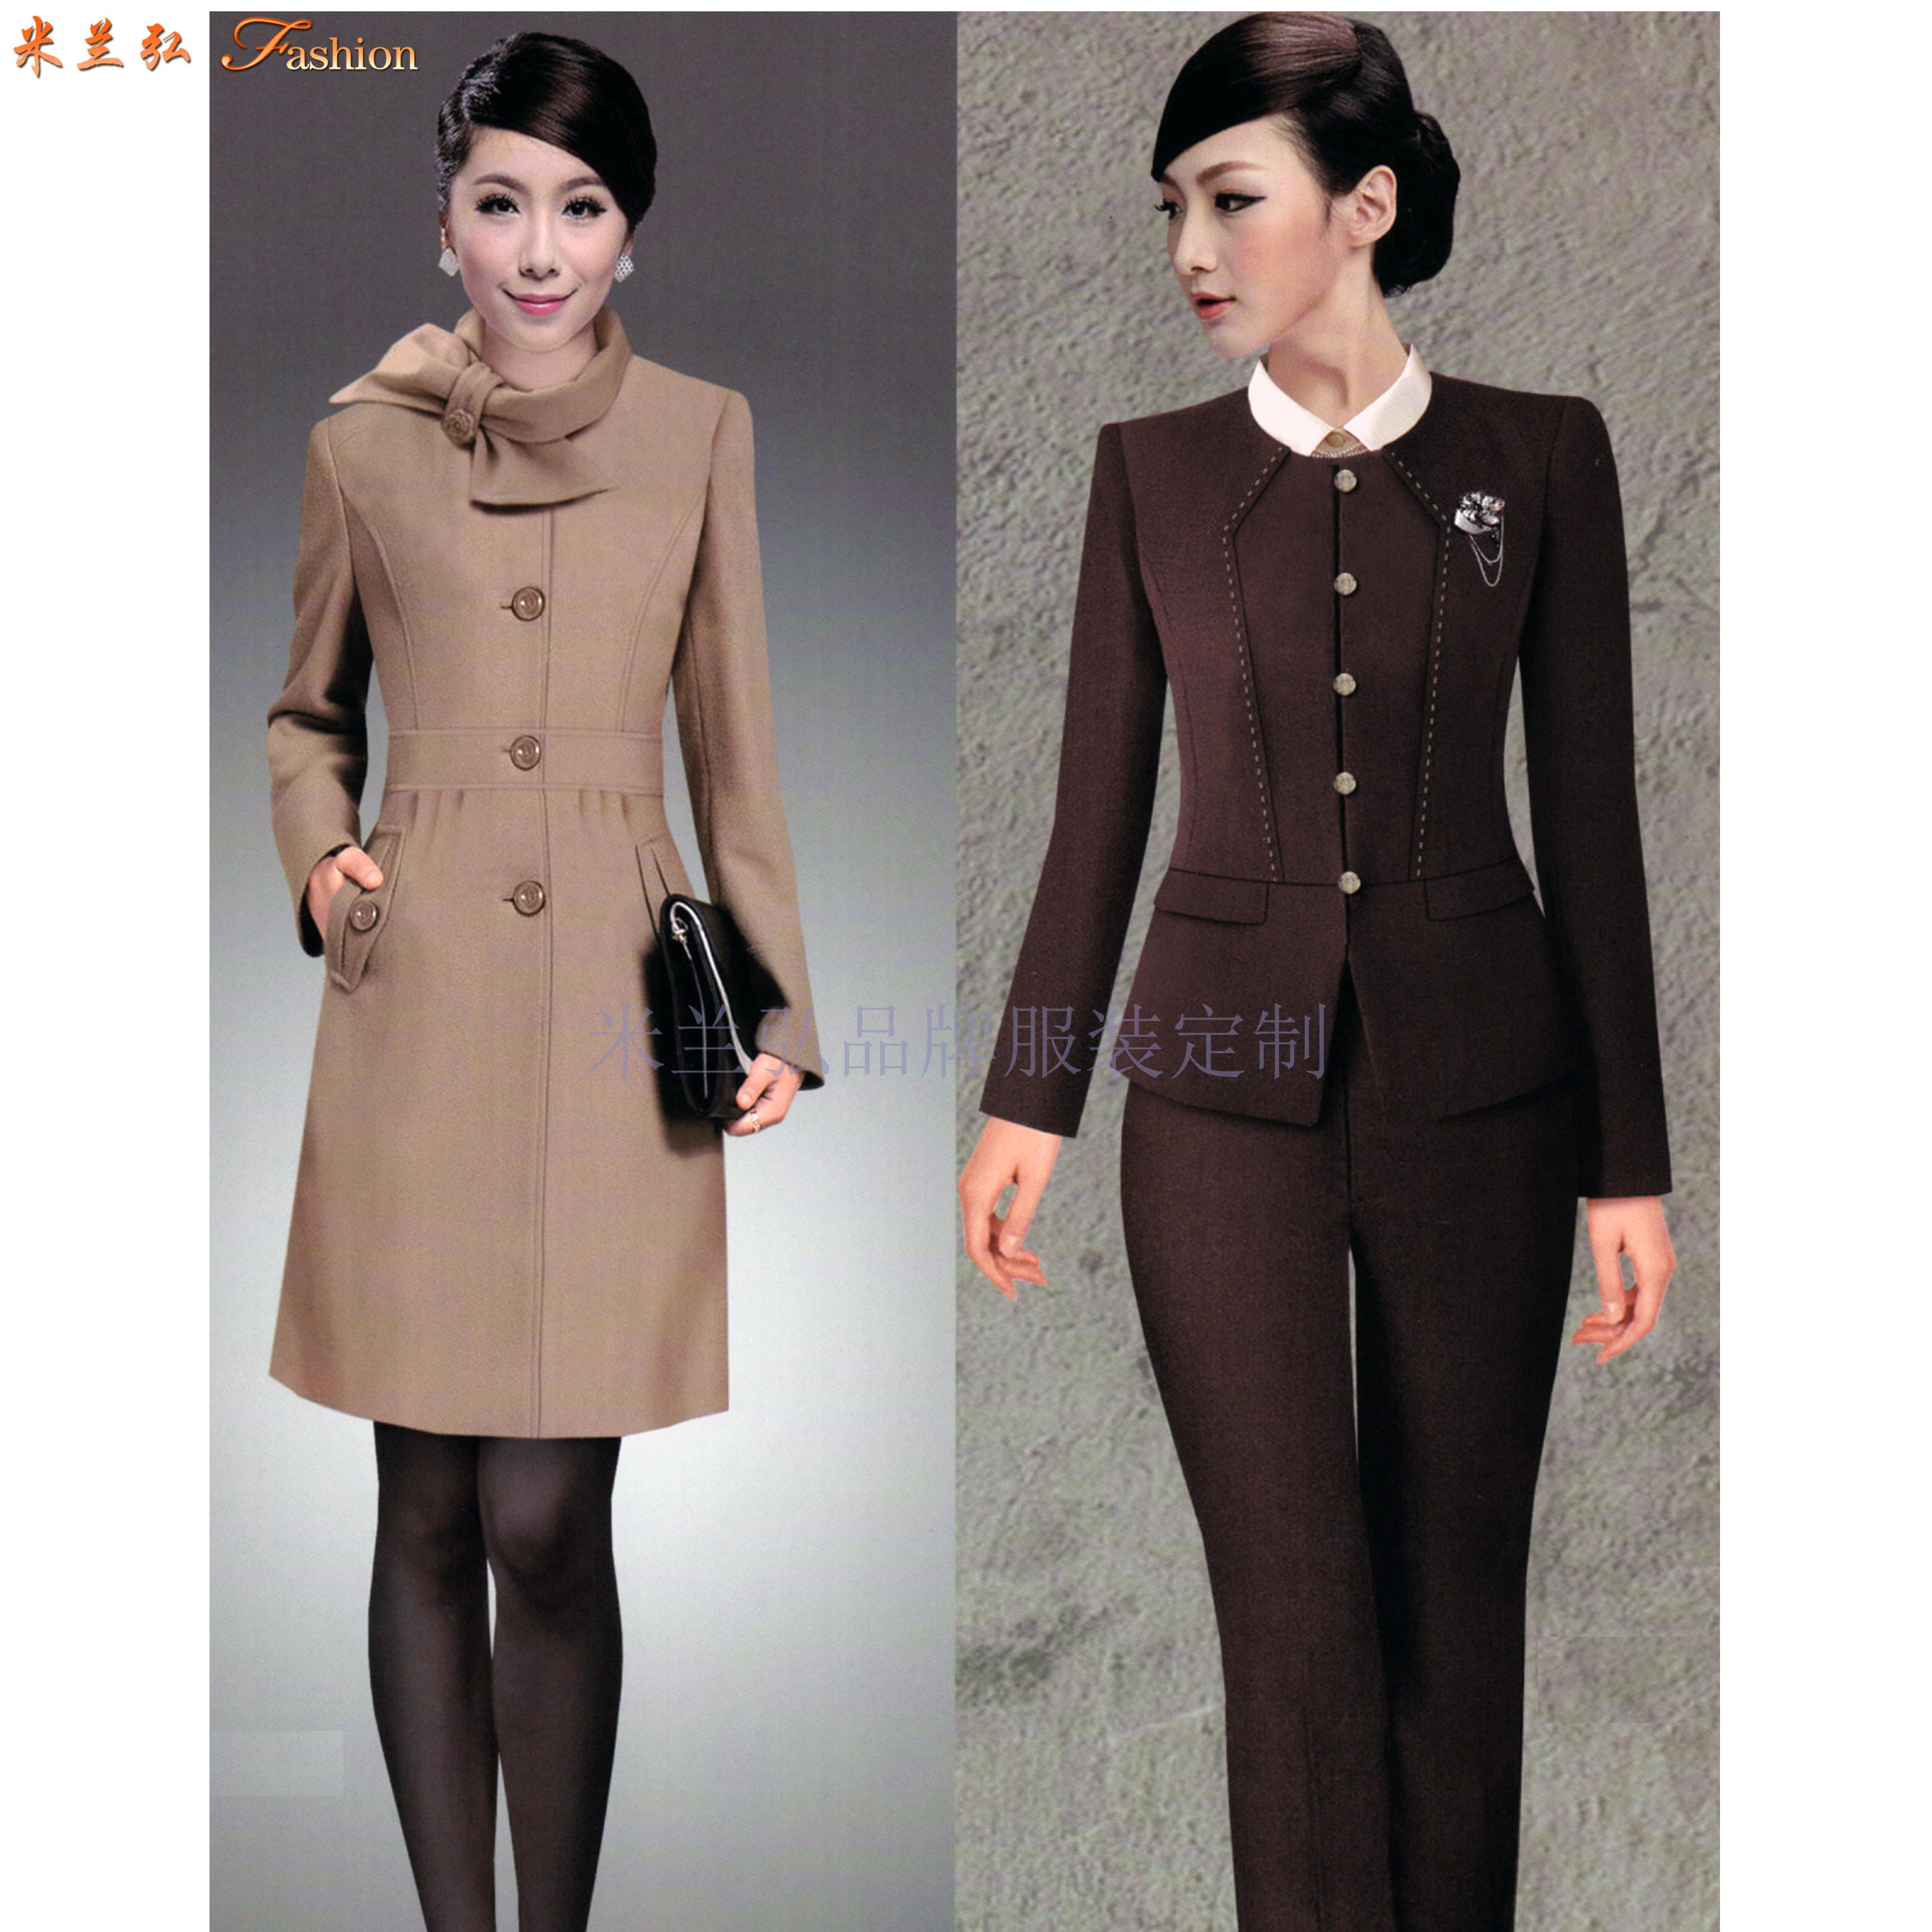 「河北大衣定制」「保定市大衣订做」推荐厚实暖和米兰弘服装-5